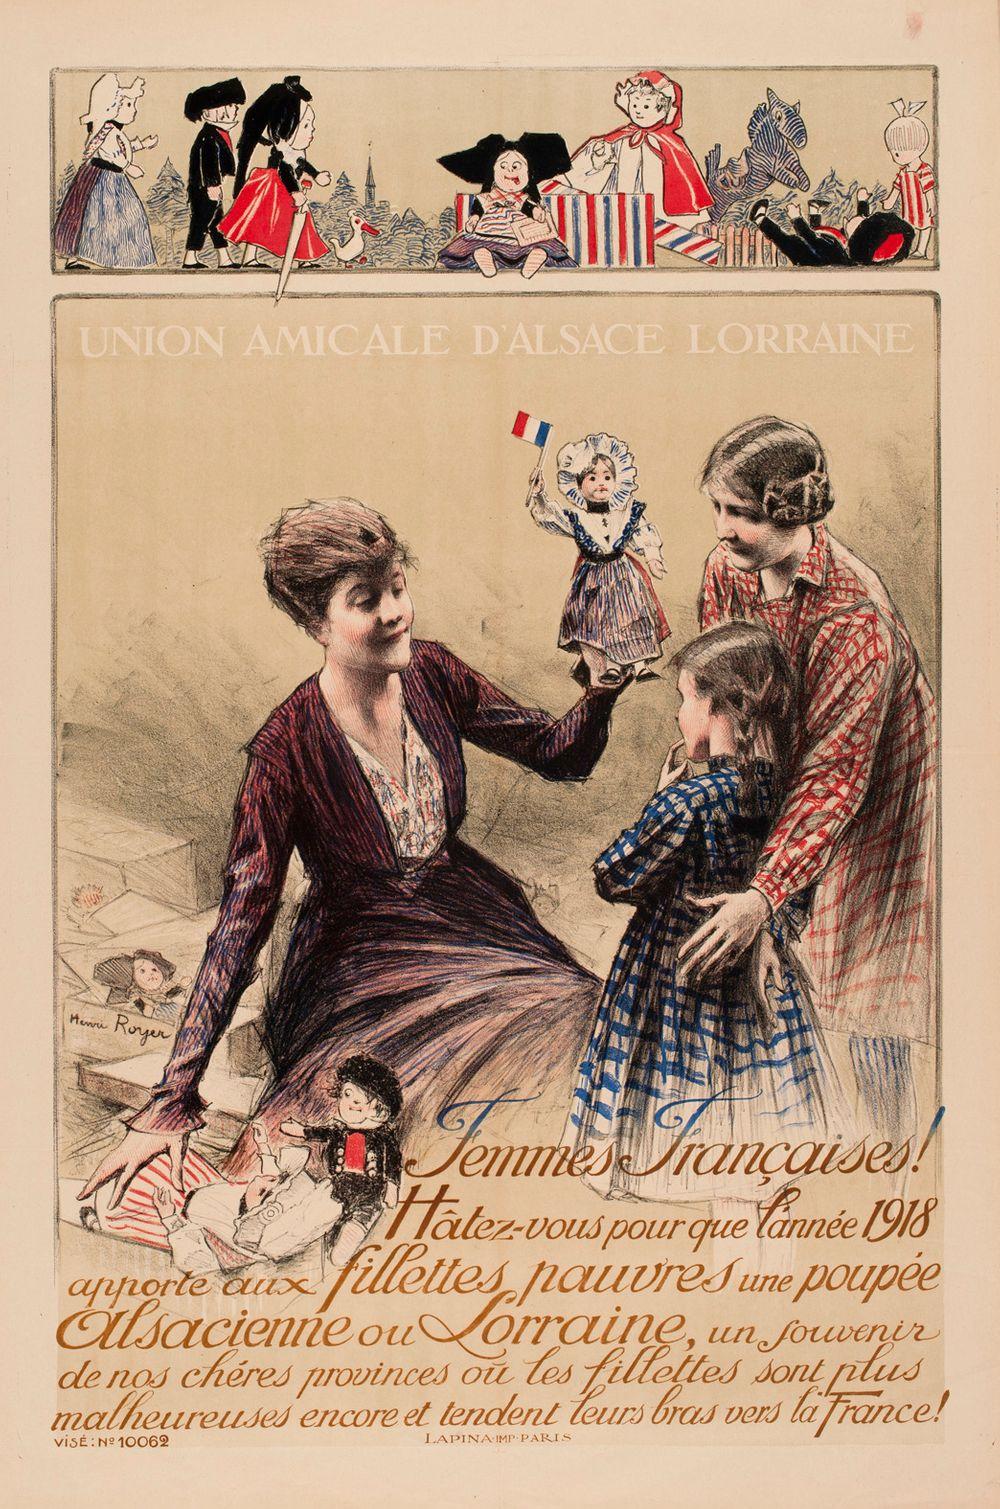 Femmes Francaises! Hâtez-vous pour que l'année 1918 apporte aux fillettes une poupée Al´sacienne ou Lorraine... (juliste)